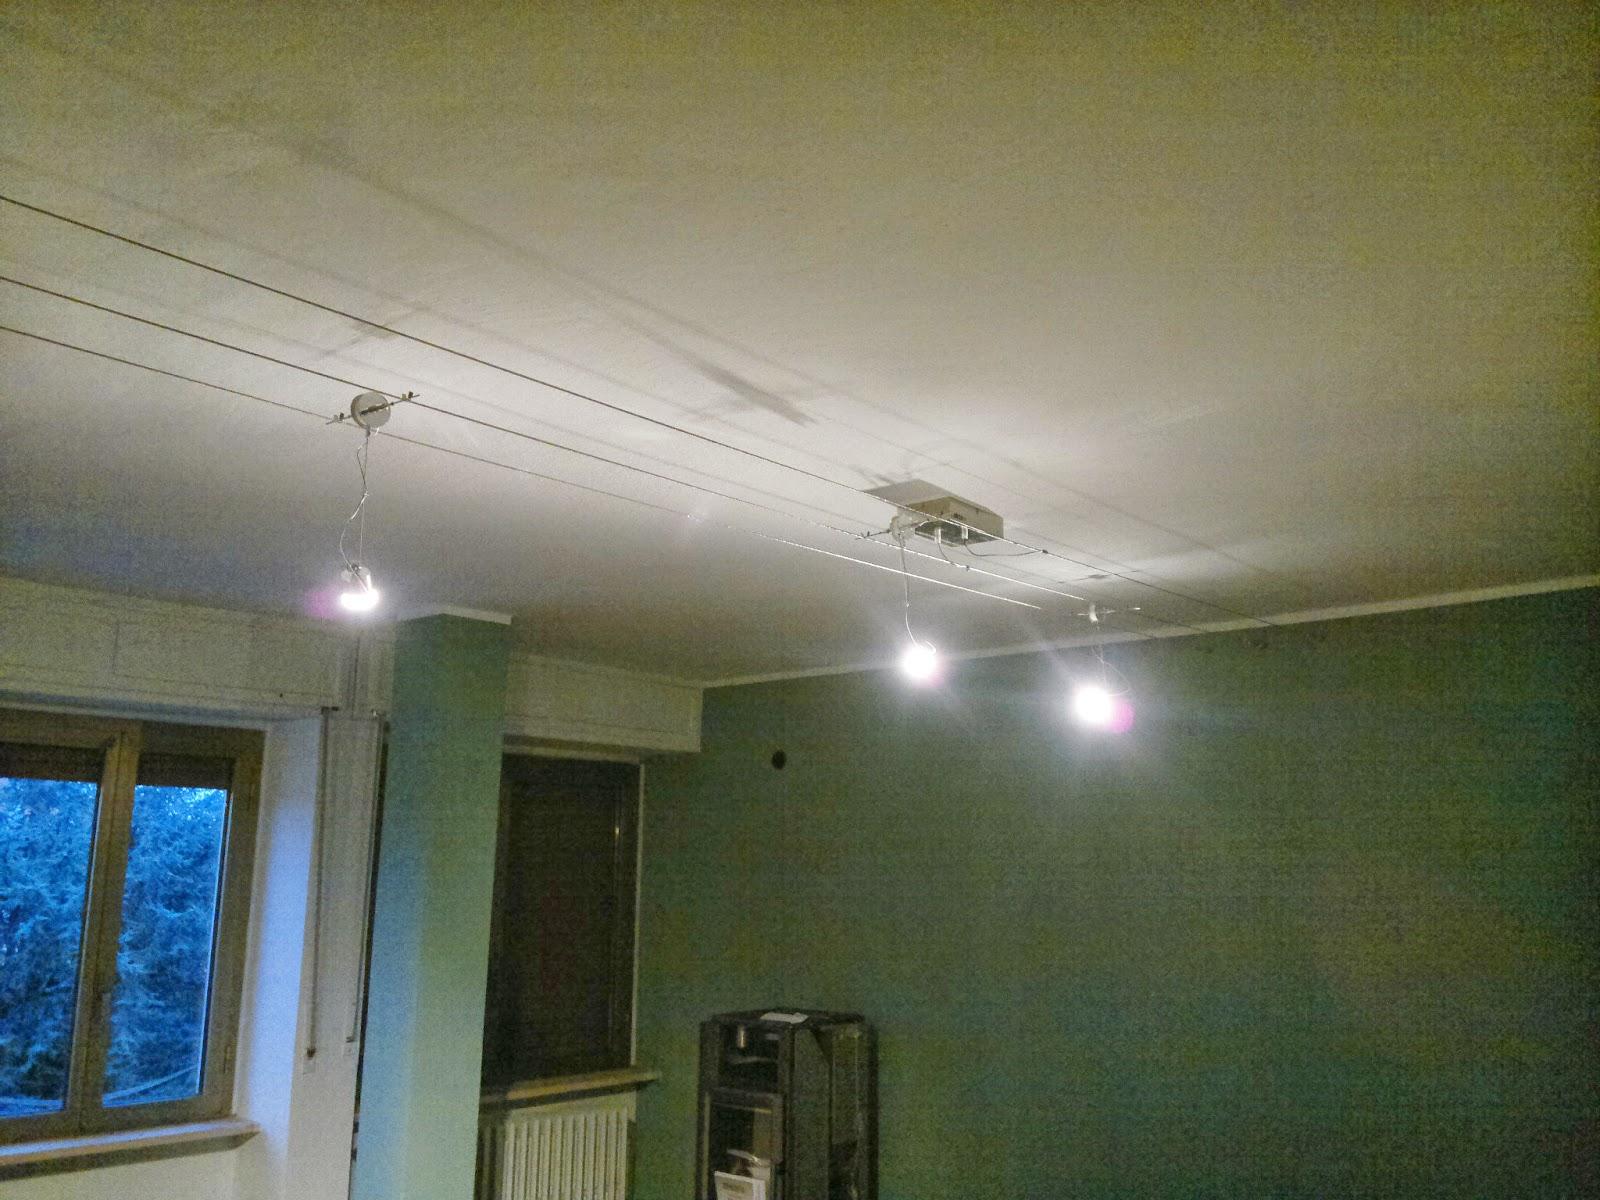 Illuminazione led casa gennaio 2015 for Illuminazione led